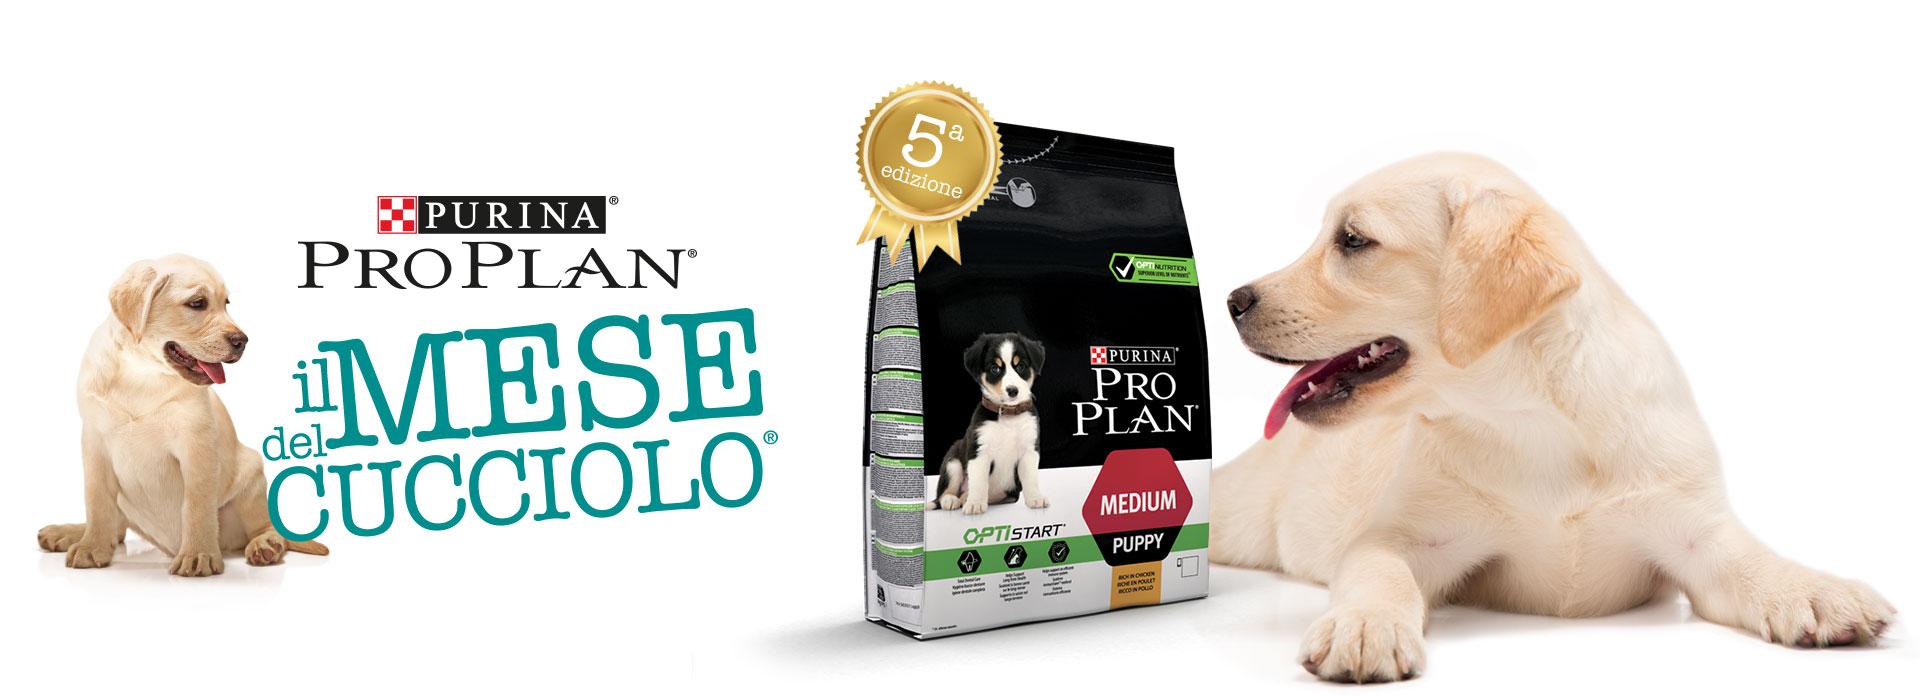 Mese del Cucciolo Purina Pro Plan confezione logo spot pubblicitario